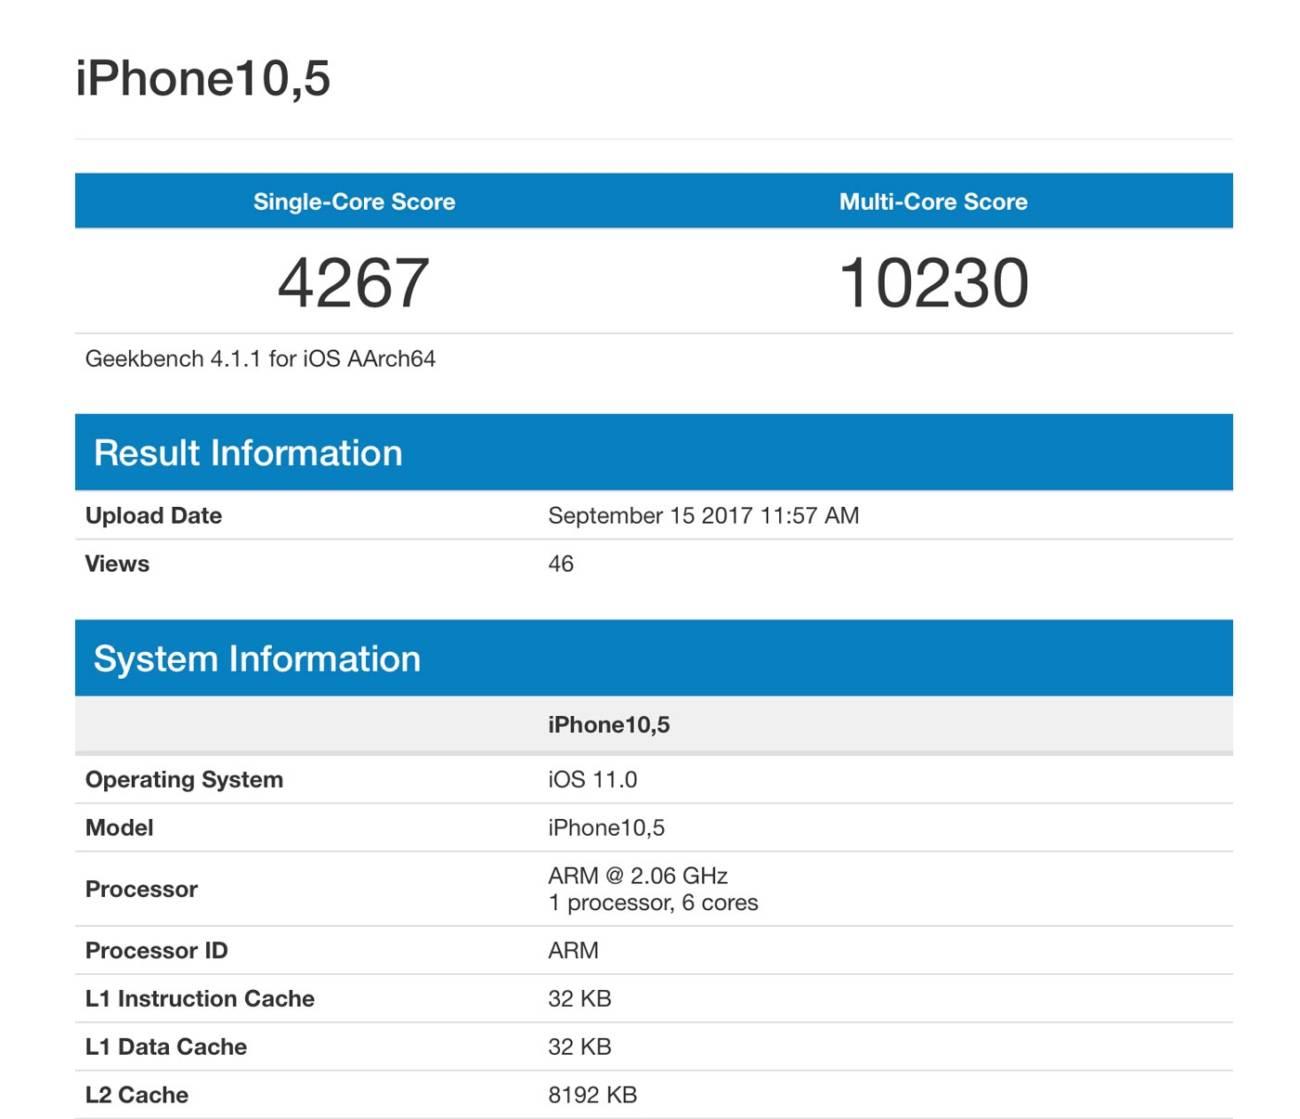 iPhone 8 A11 Bionicチップ 性能